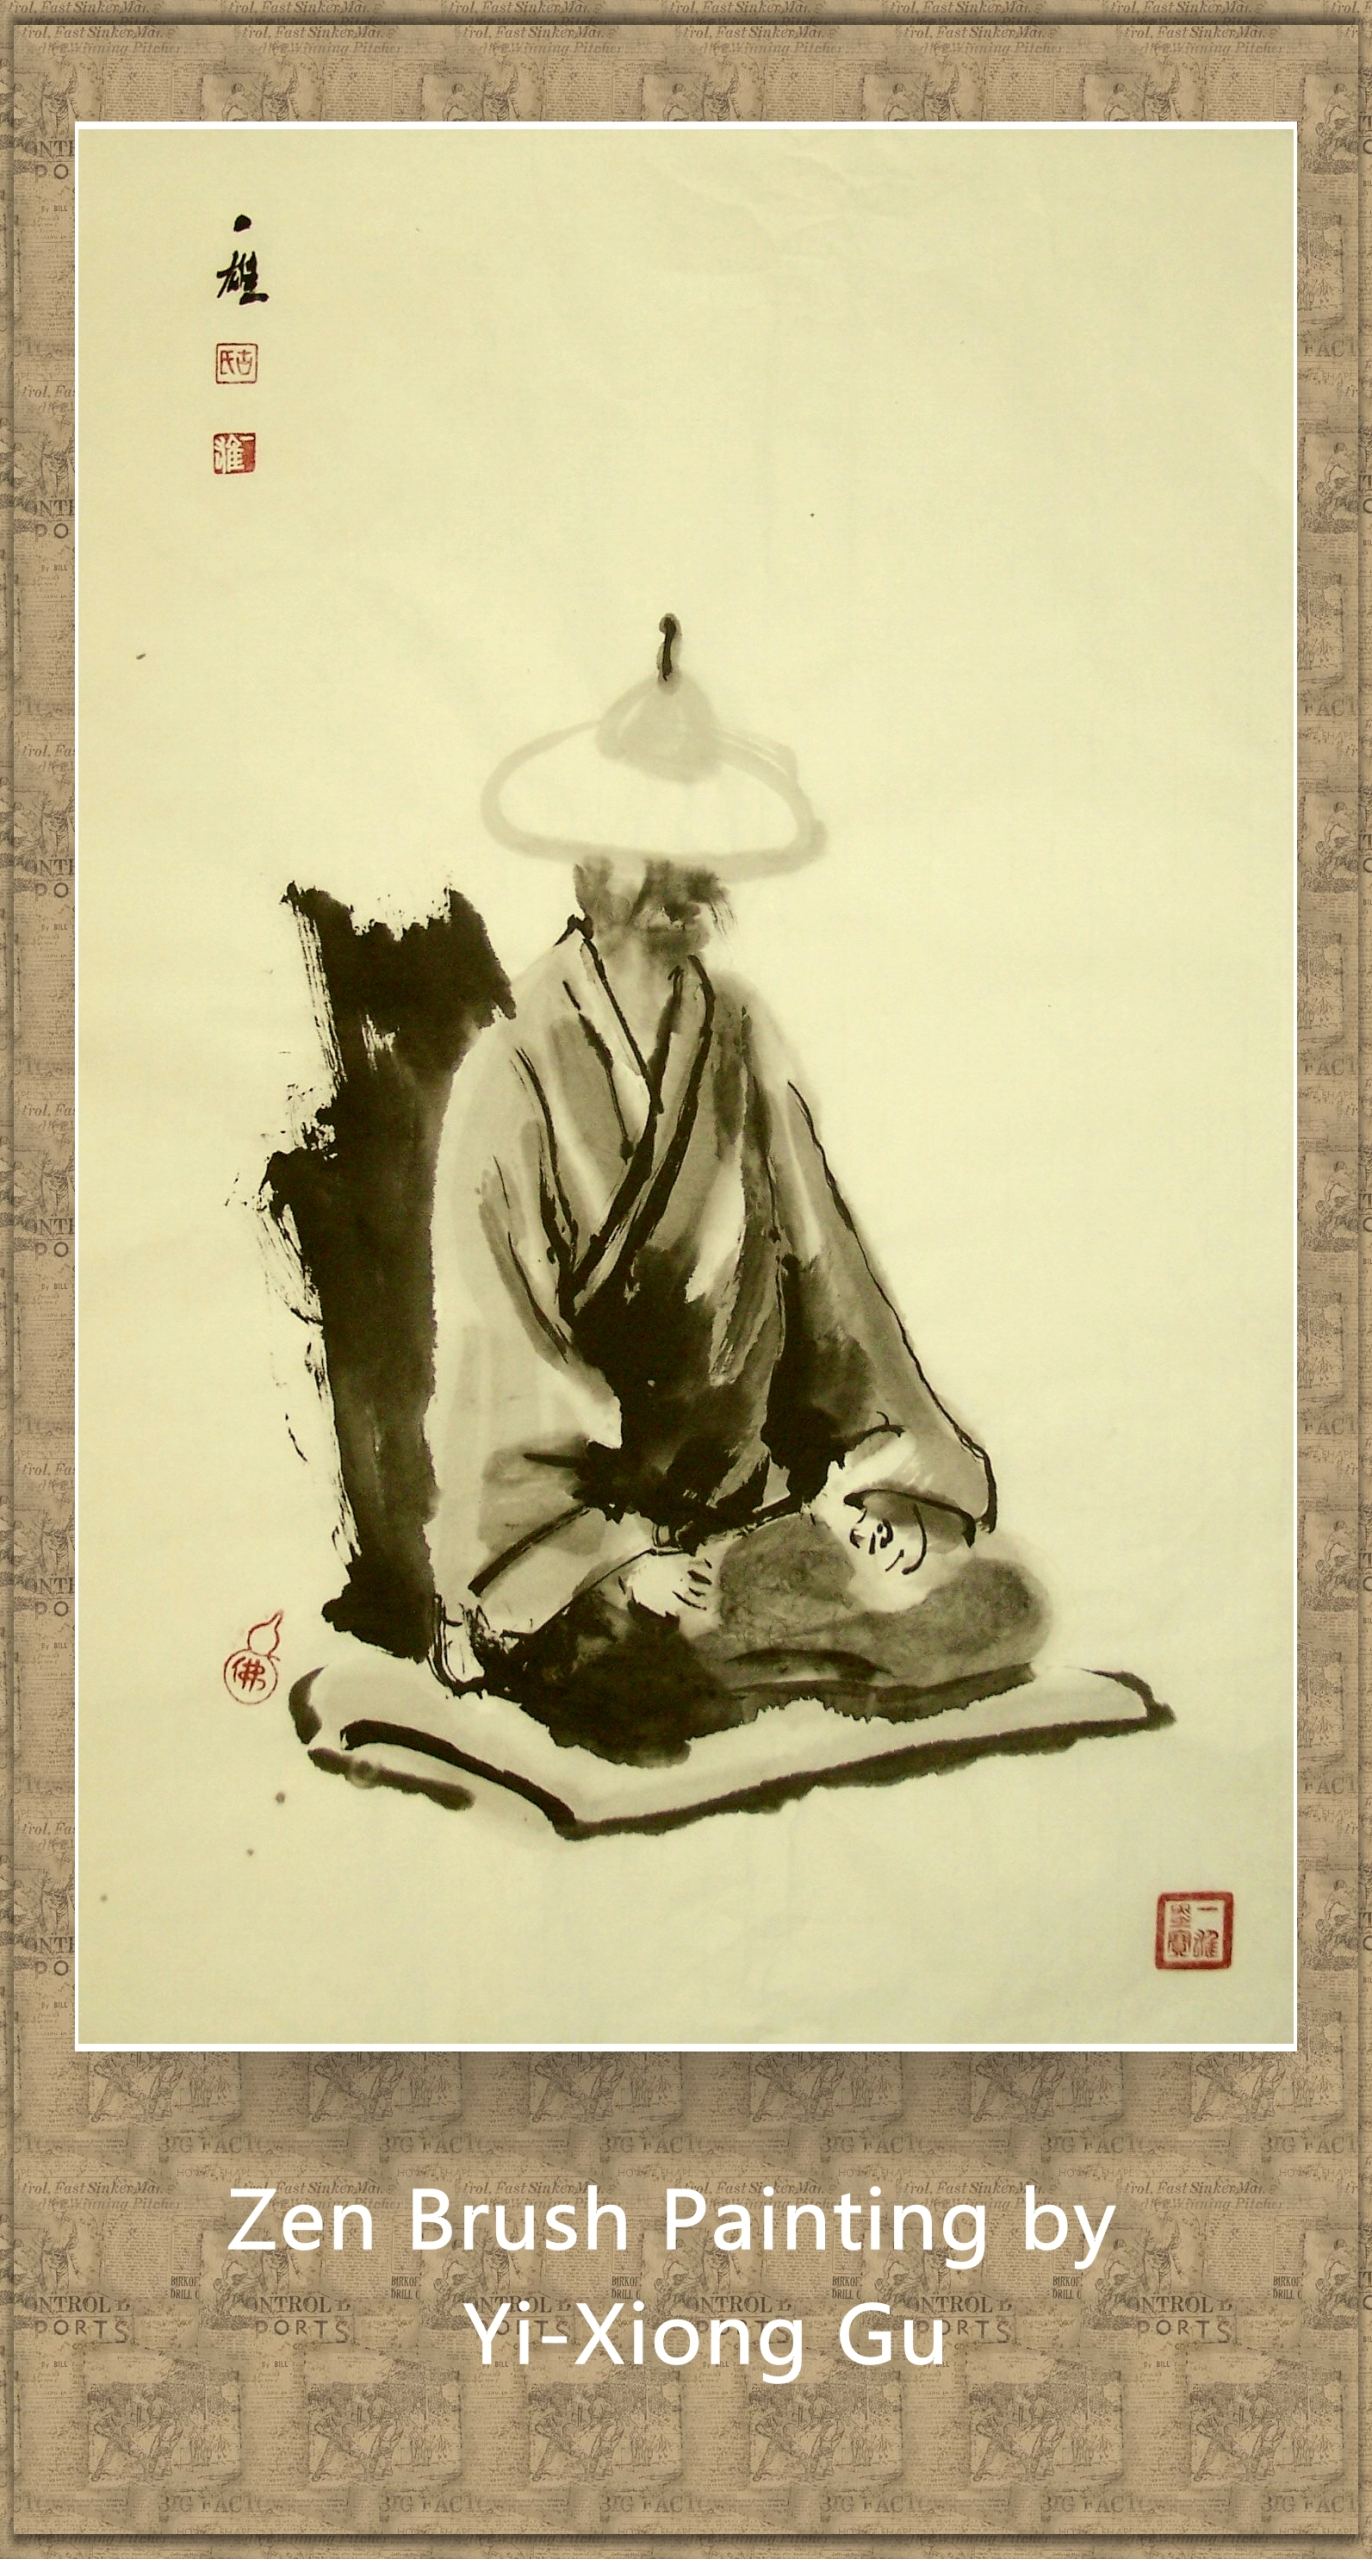 Zen Brush Painting by Yi-Xiong Gu